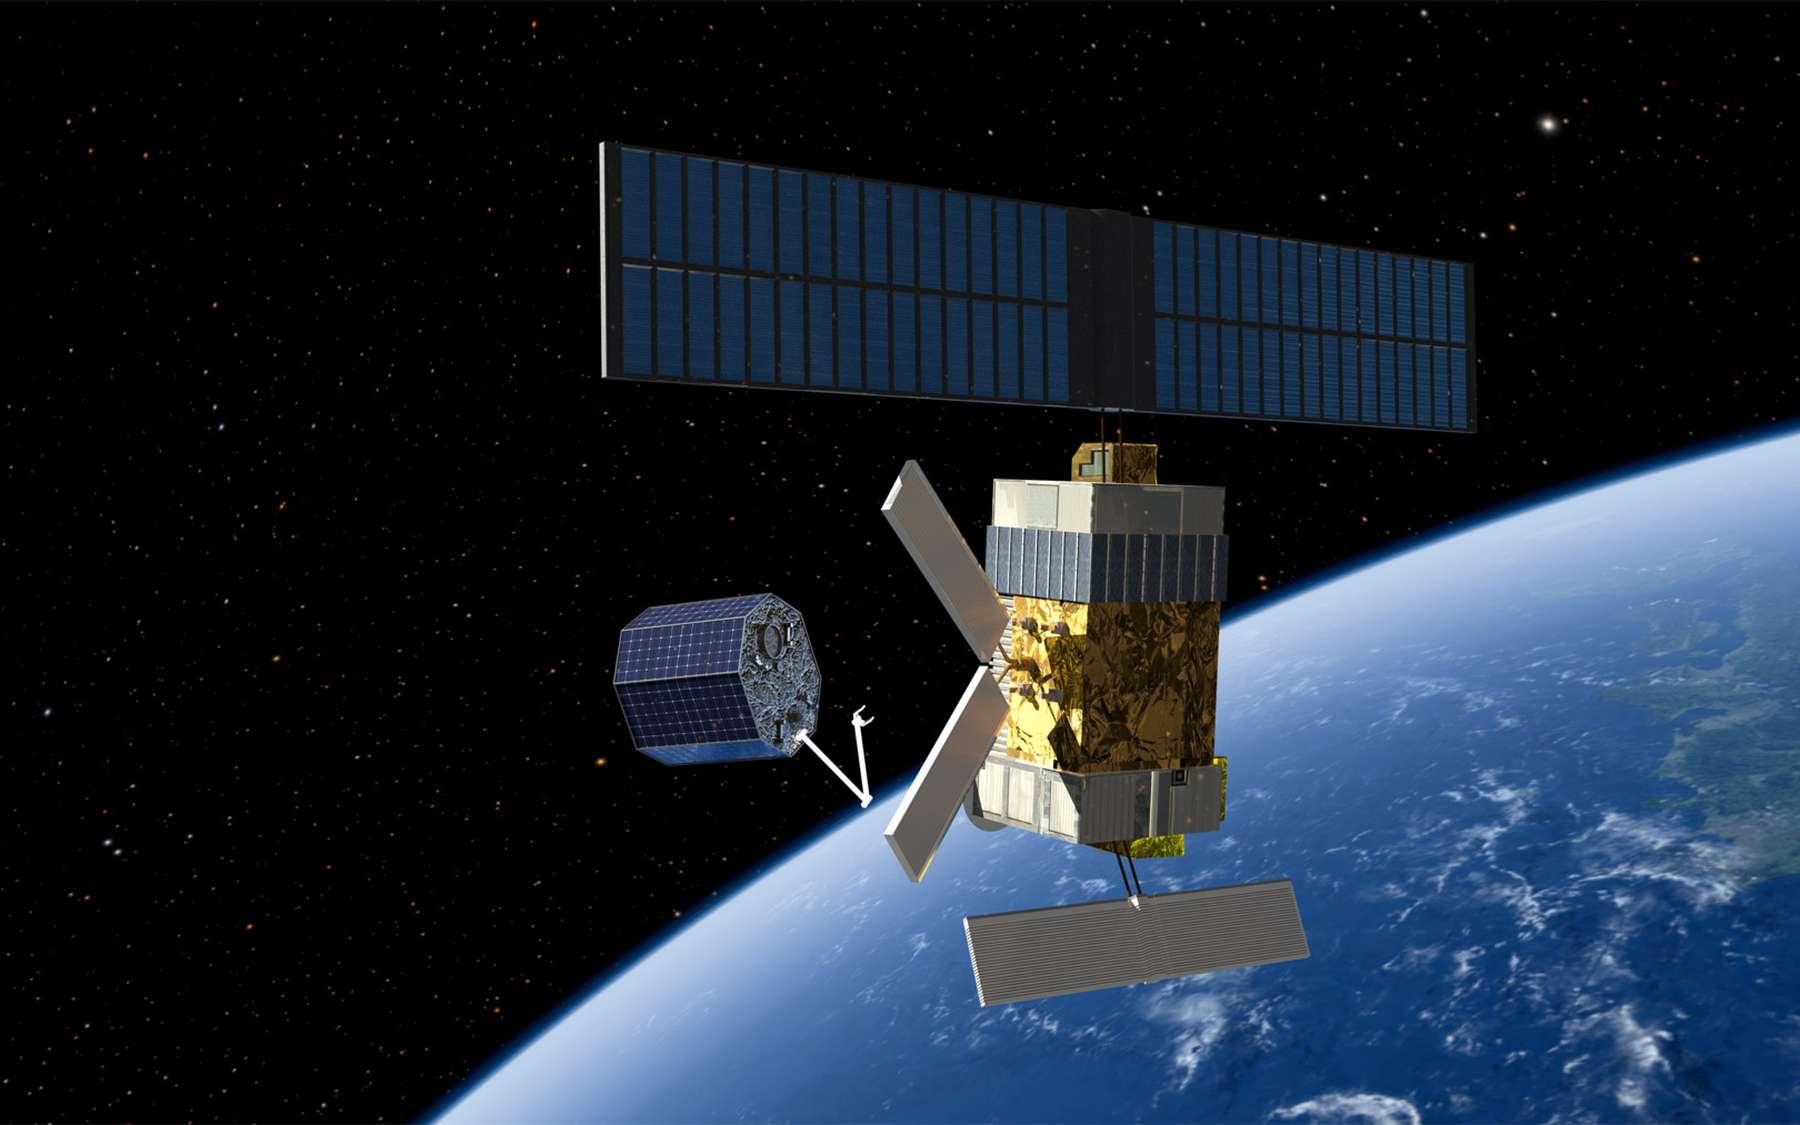 Une des technologies e.DeOrbit envisagées pour capturer un satellite non coopératif. De nombreuses stratégies sont à l'étude pour retirer de gros débris spatiaux et contrôler la population de déchets en orbite. © Esa, Mixed-Reality Communication GmbH